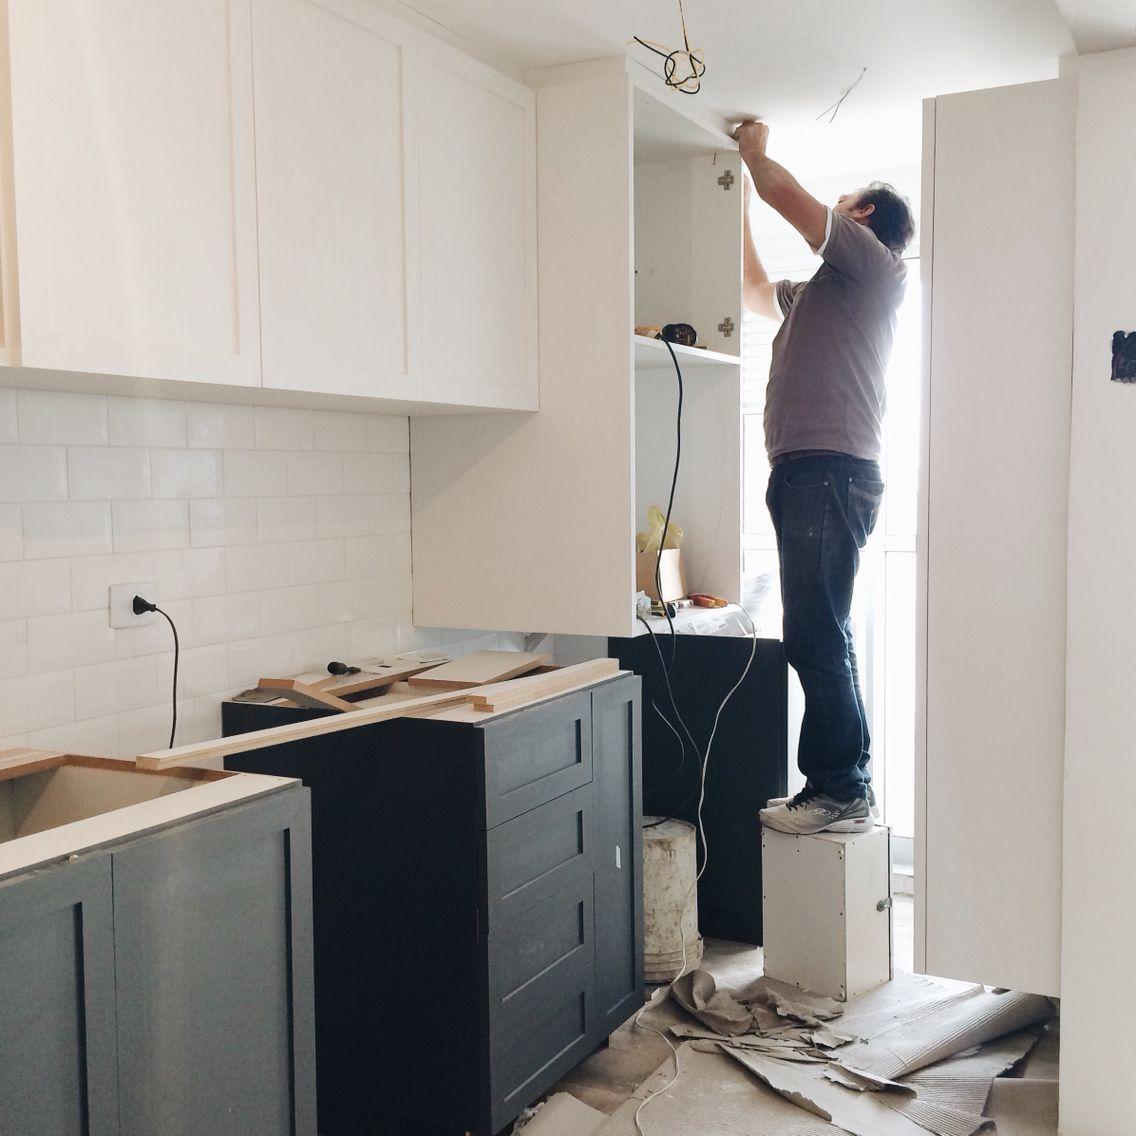 Instalando os móveis da cozinha